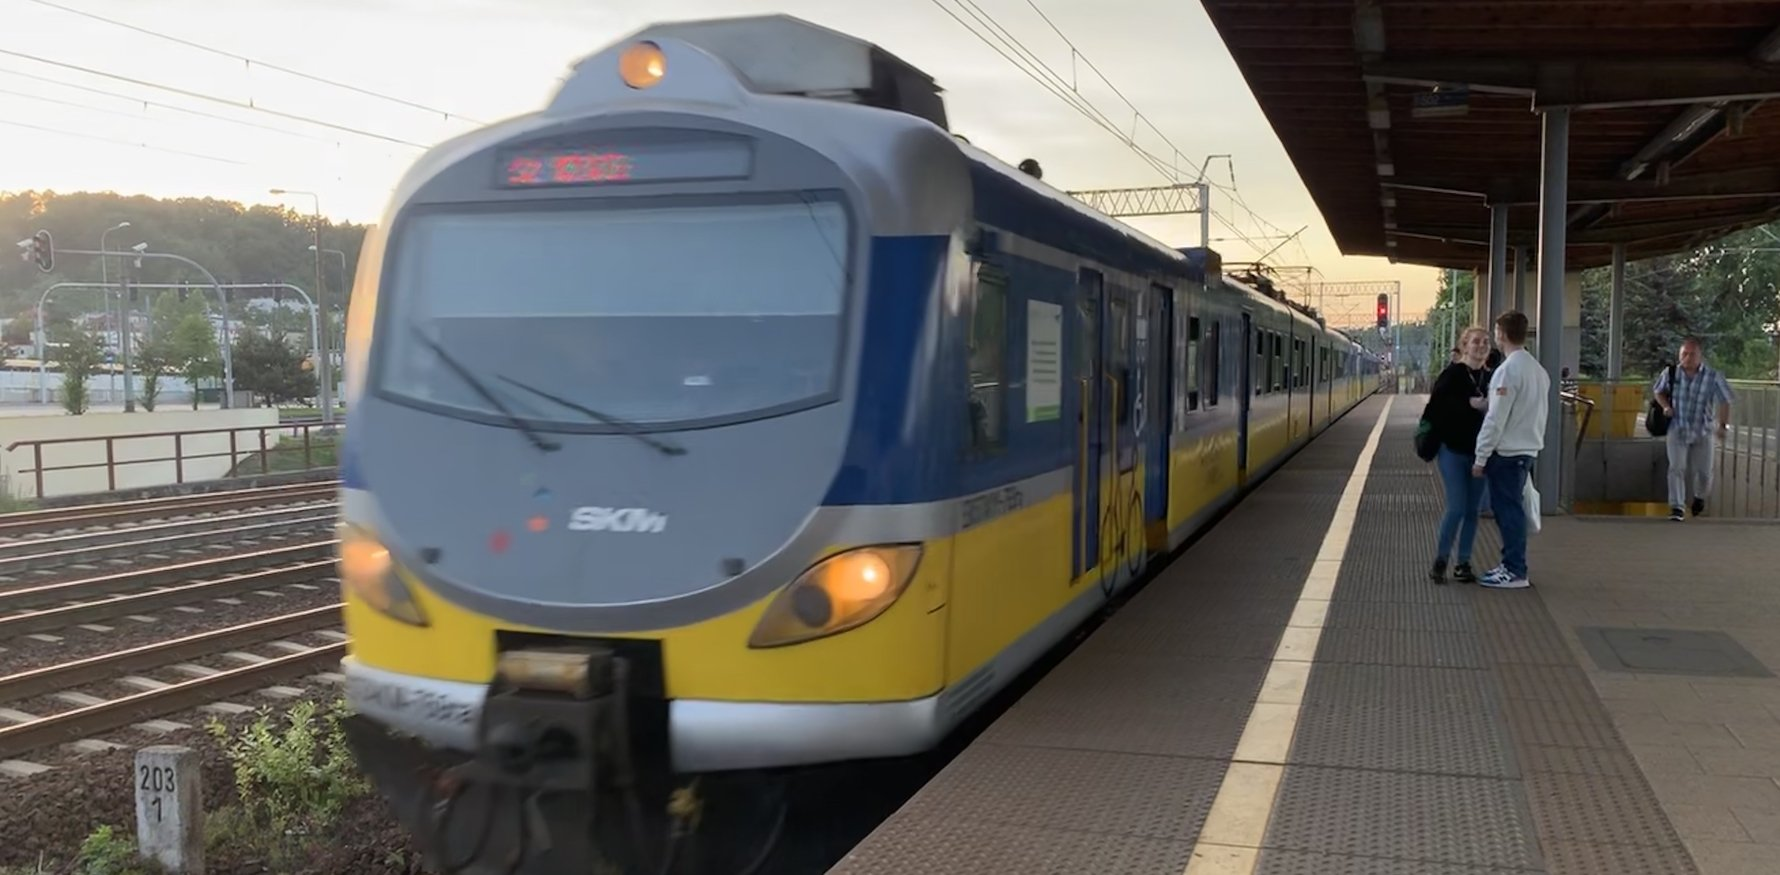 SKM Commuter Train, Gdańsk